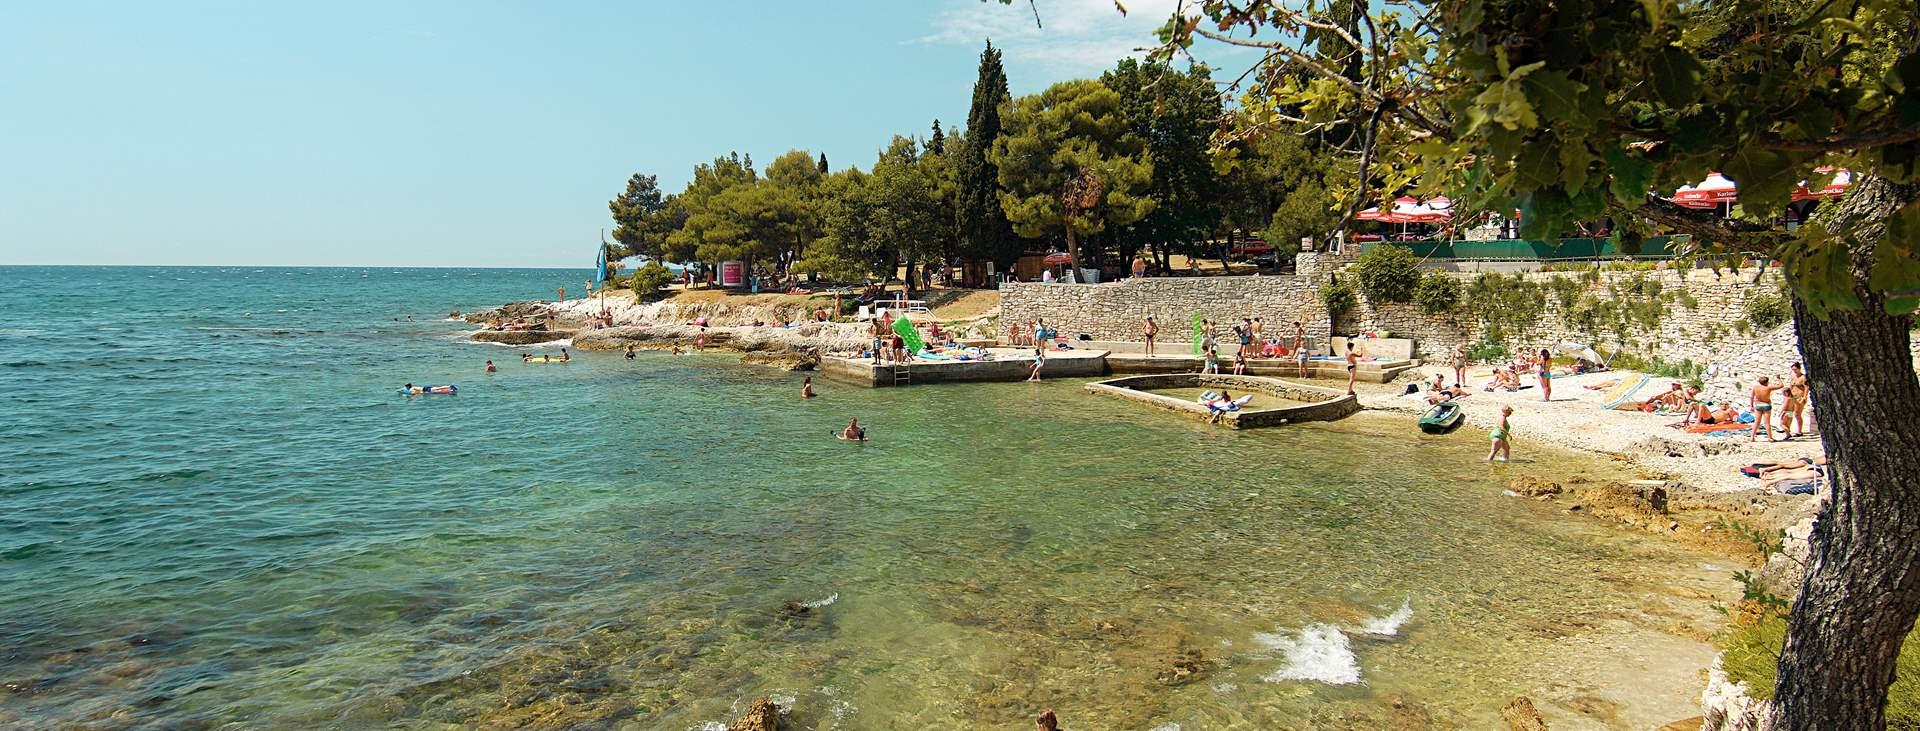 Resor till Porec i Istrien i Kroatien